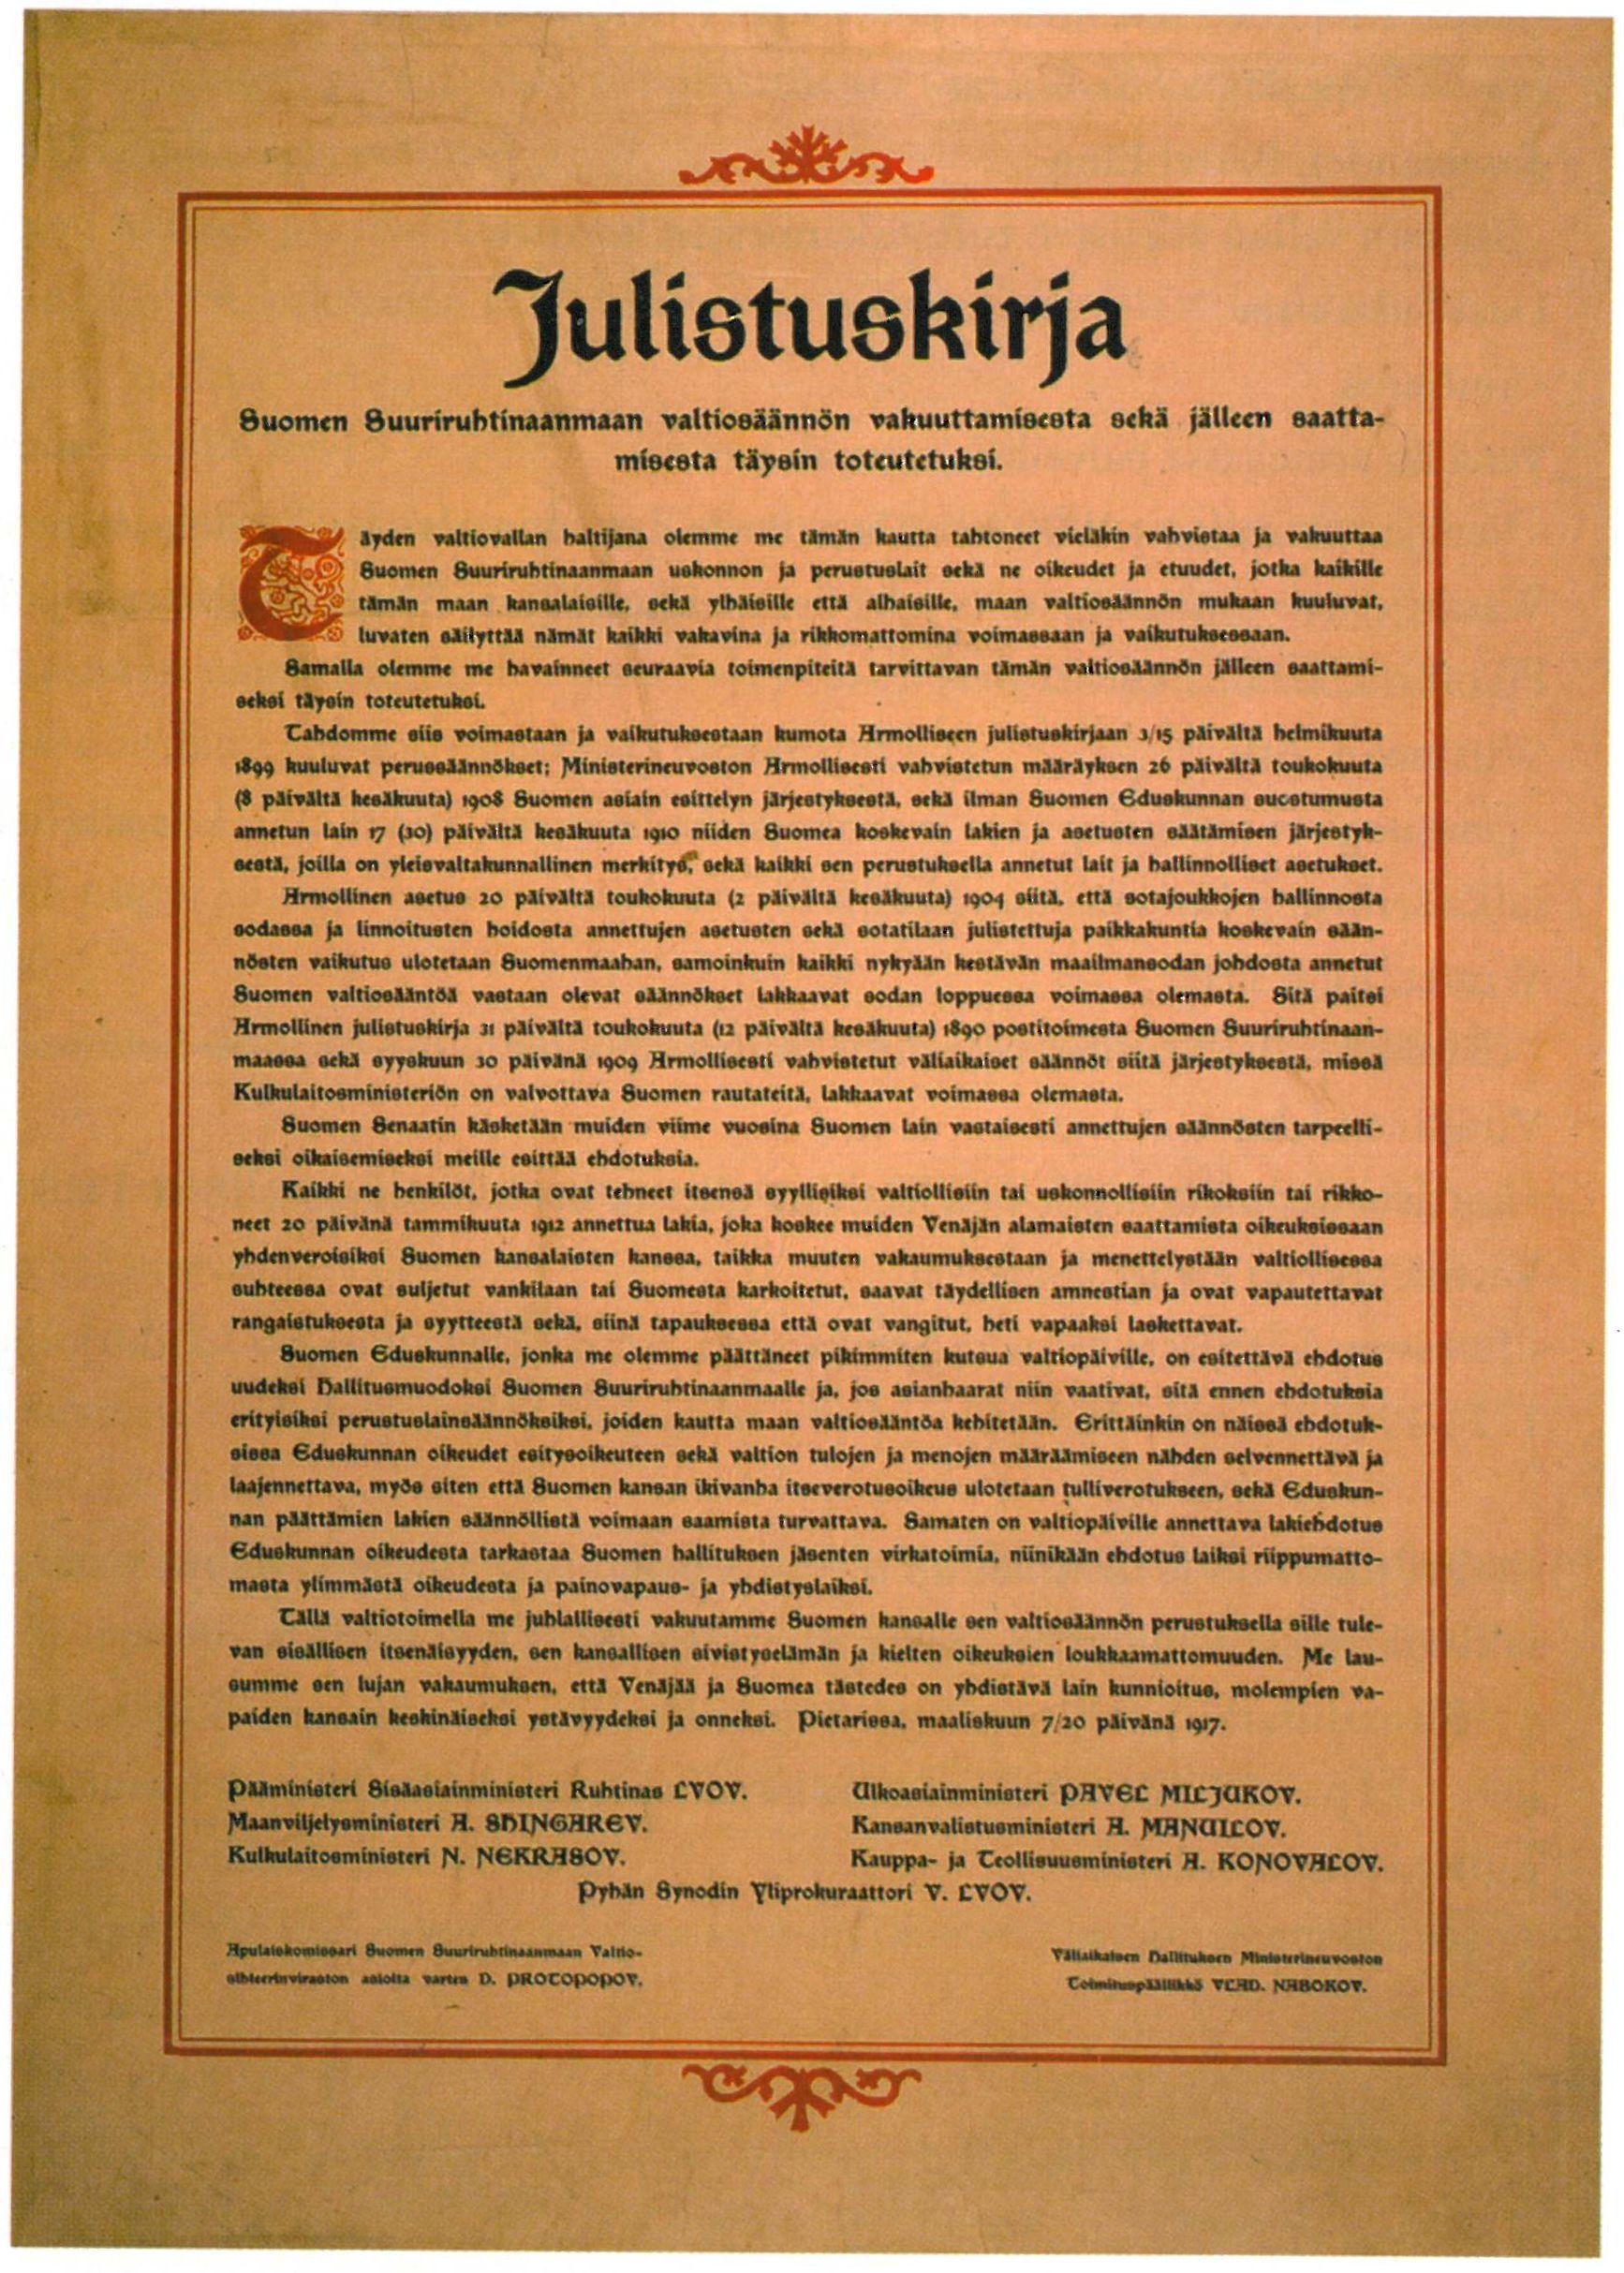 Svinhuvfud – Suomen itsenäisyyden tekijät ja vaiheet